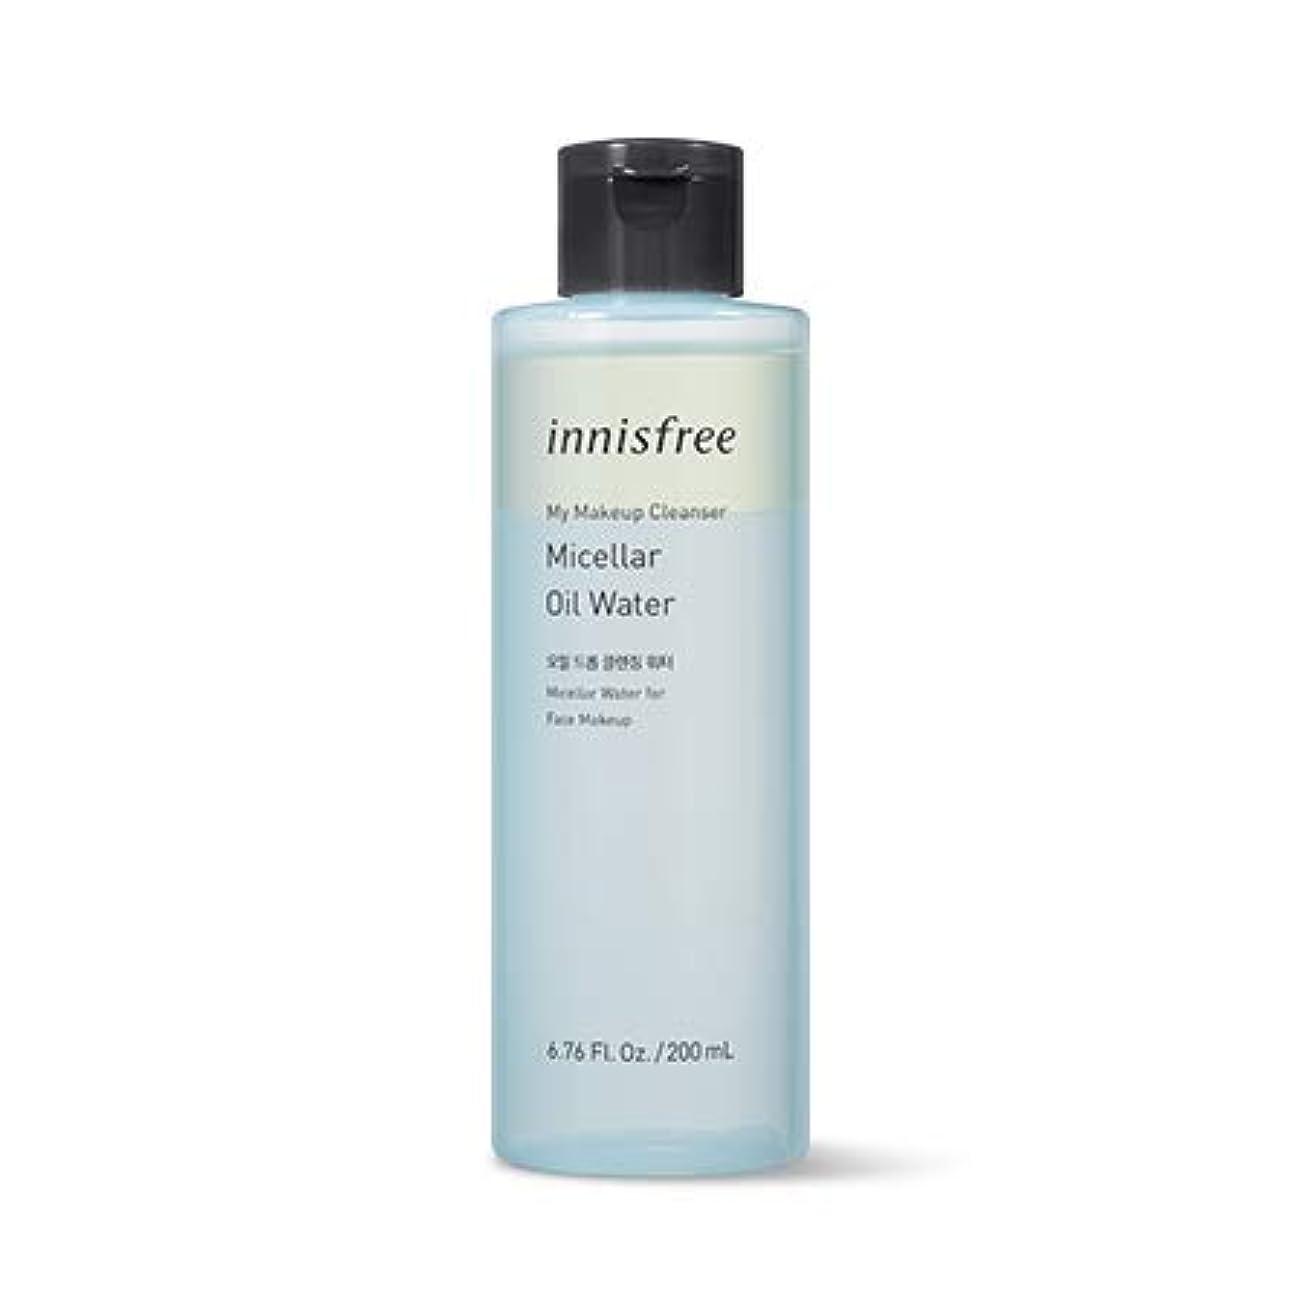 制約精査する役に立つ【innisfree】マイメイククレンザー - ミシェルとオイルウォーター200mL My Makeup Cleanser - Micellar Oil Water